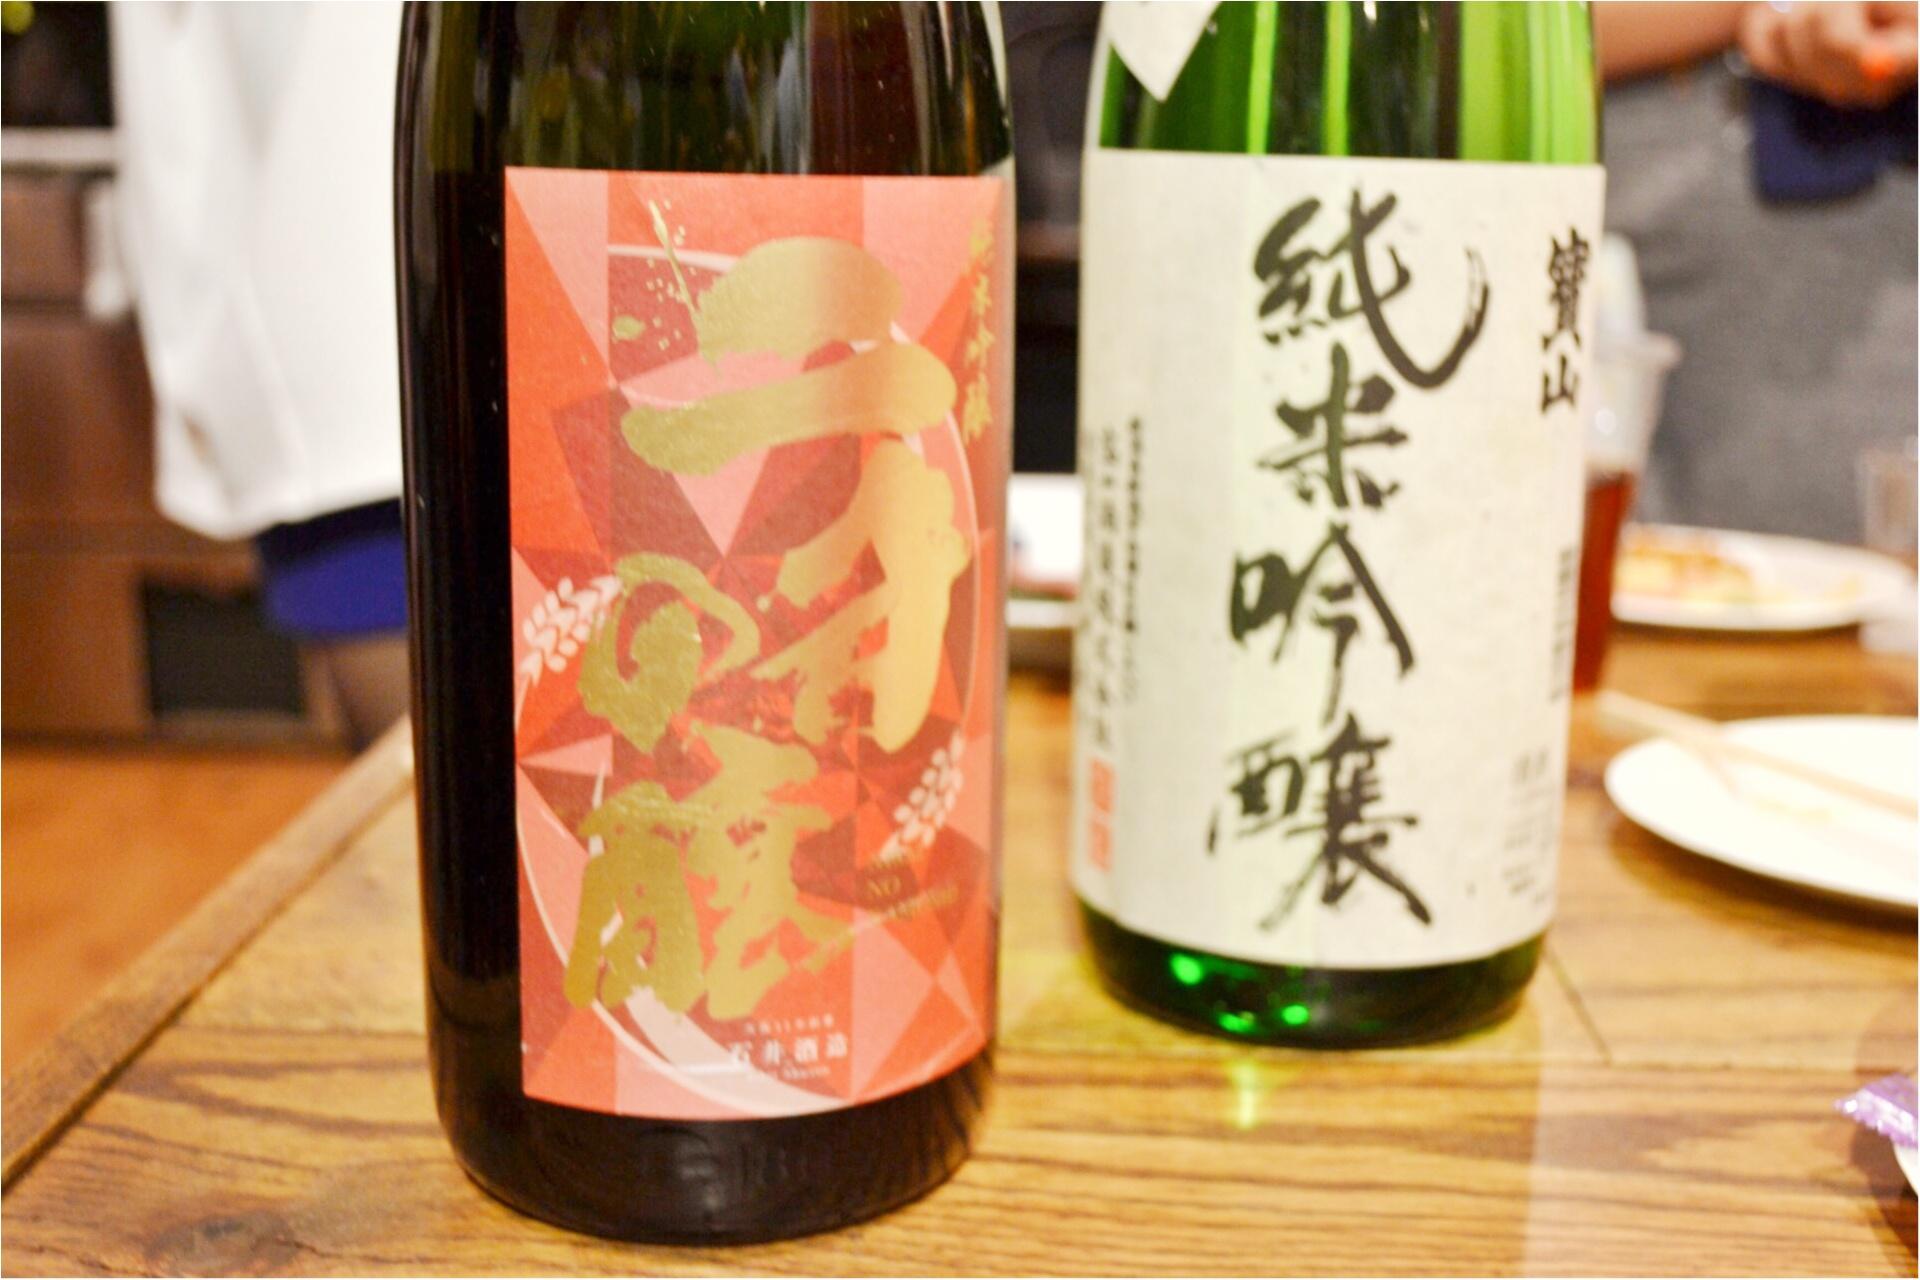 20代だけで作られた前代未聞の日本酒『二才の醸』を知っていますか?_2